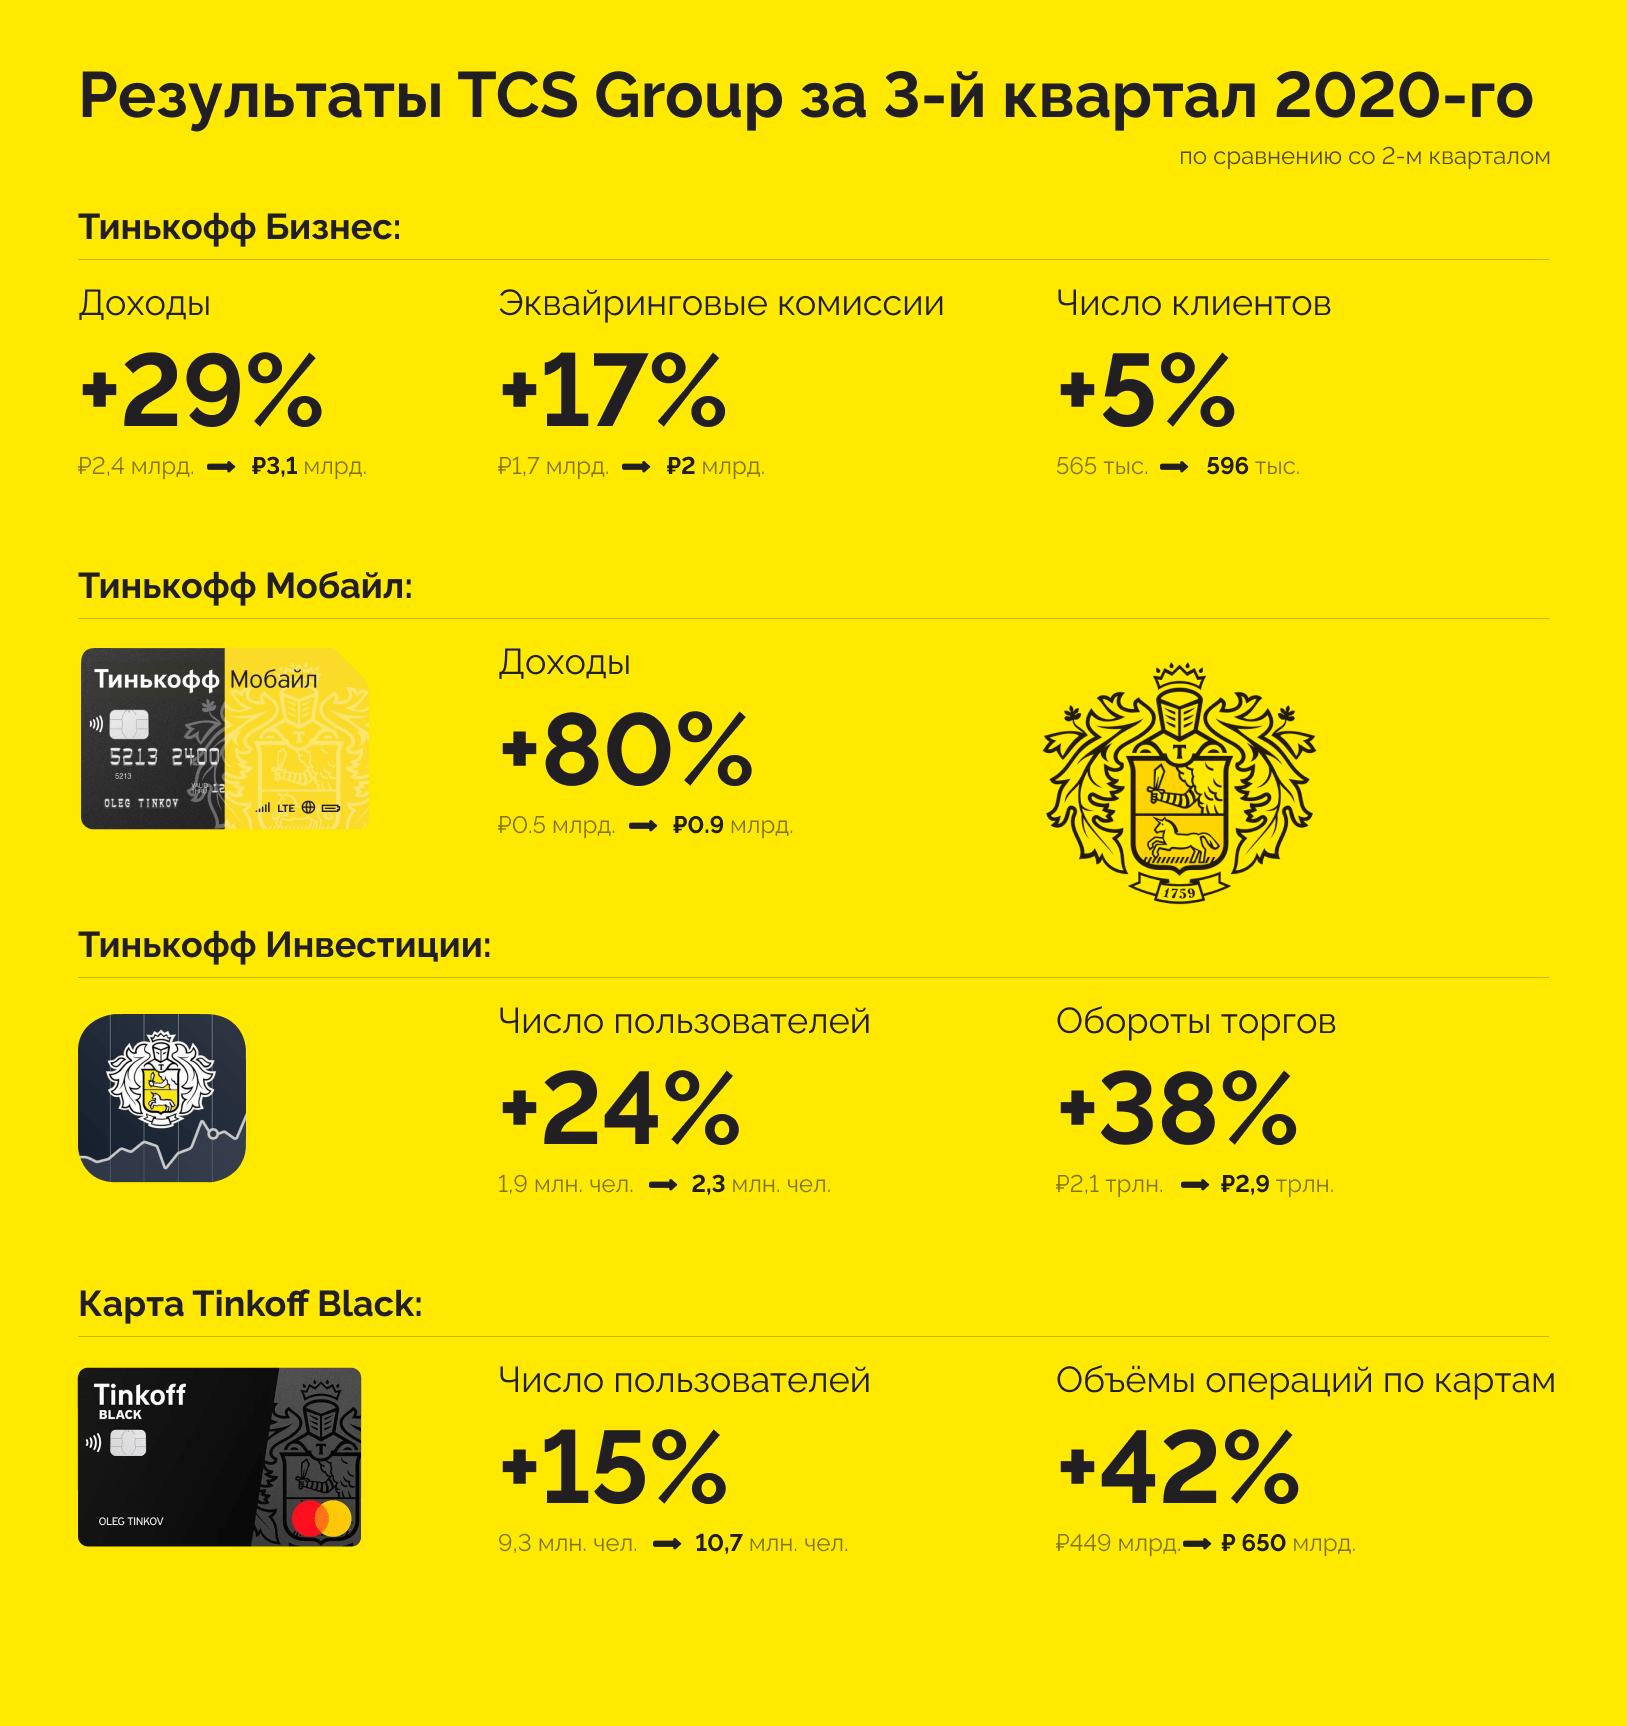 Почему не планирую покупать TCS Group, несмотря на сильный отчёт